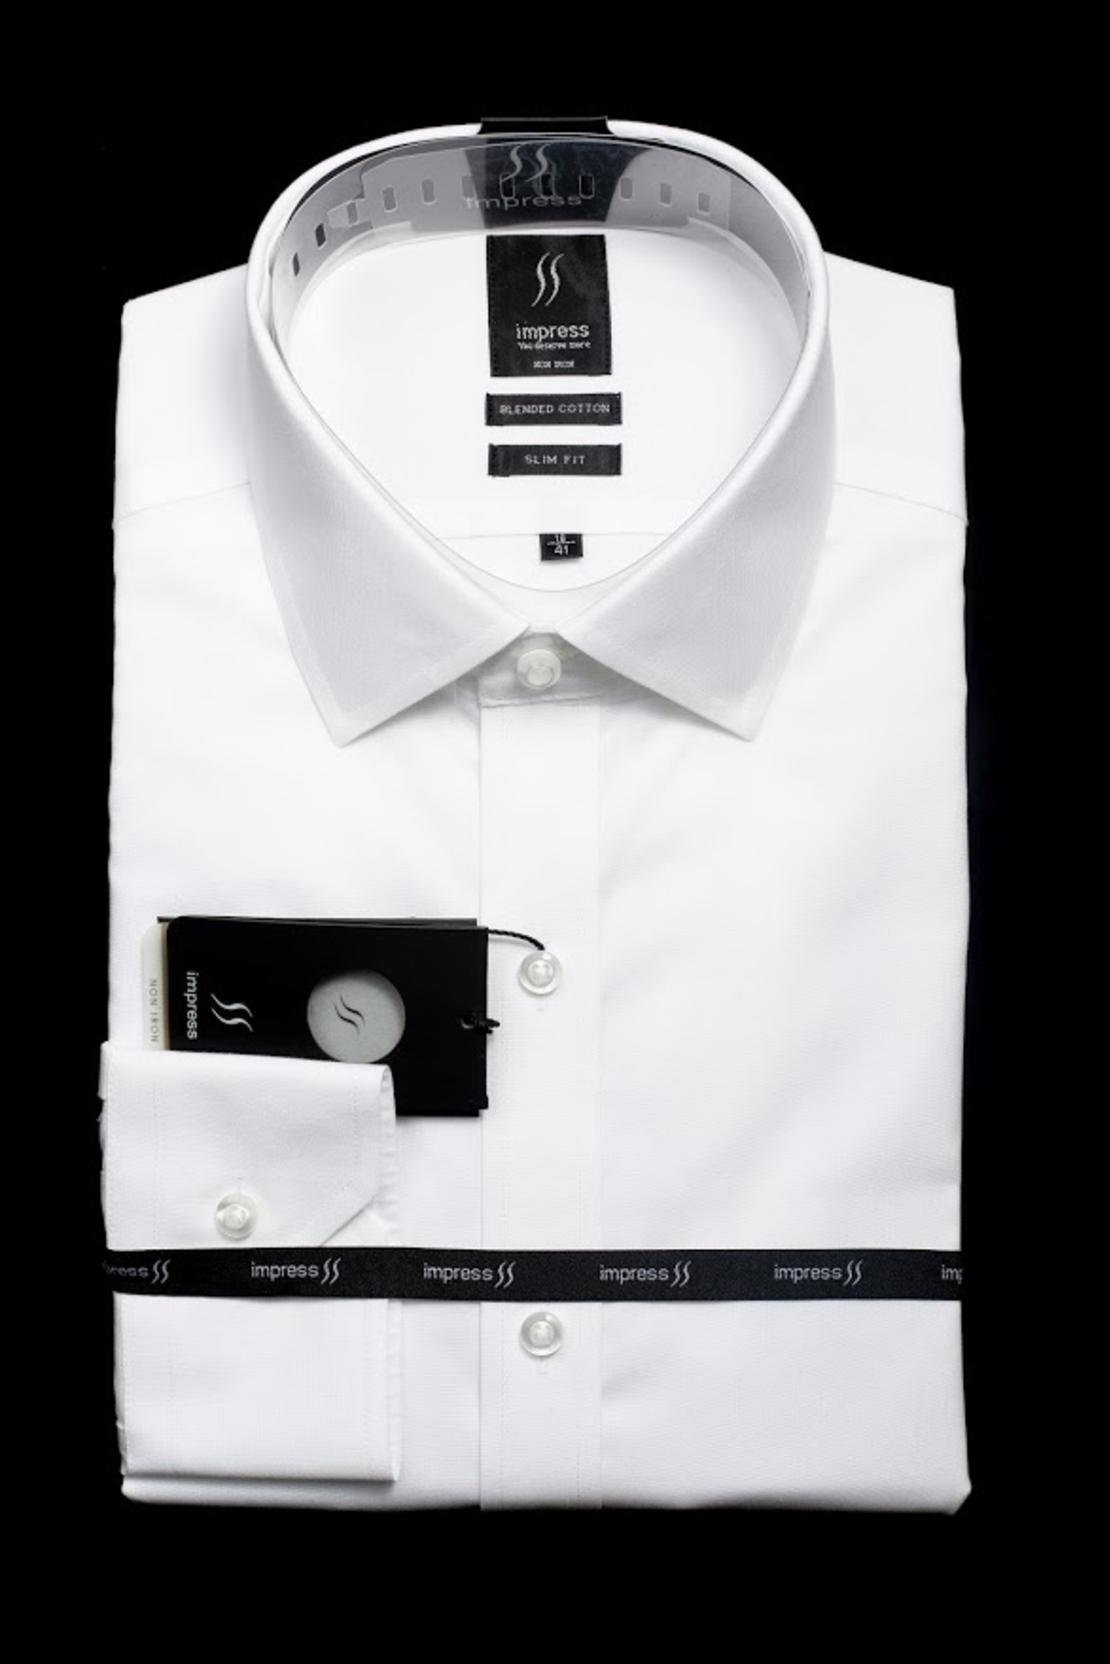 חולצה לבנה אימפרס 6200 גזרה רגילה עם כיס